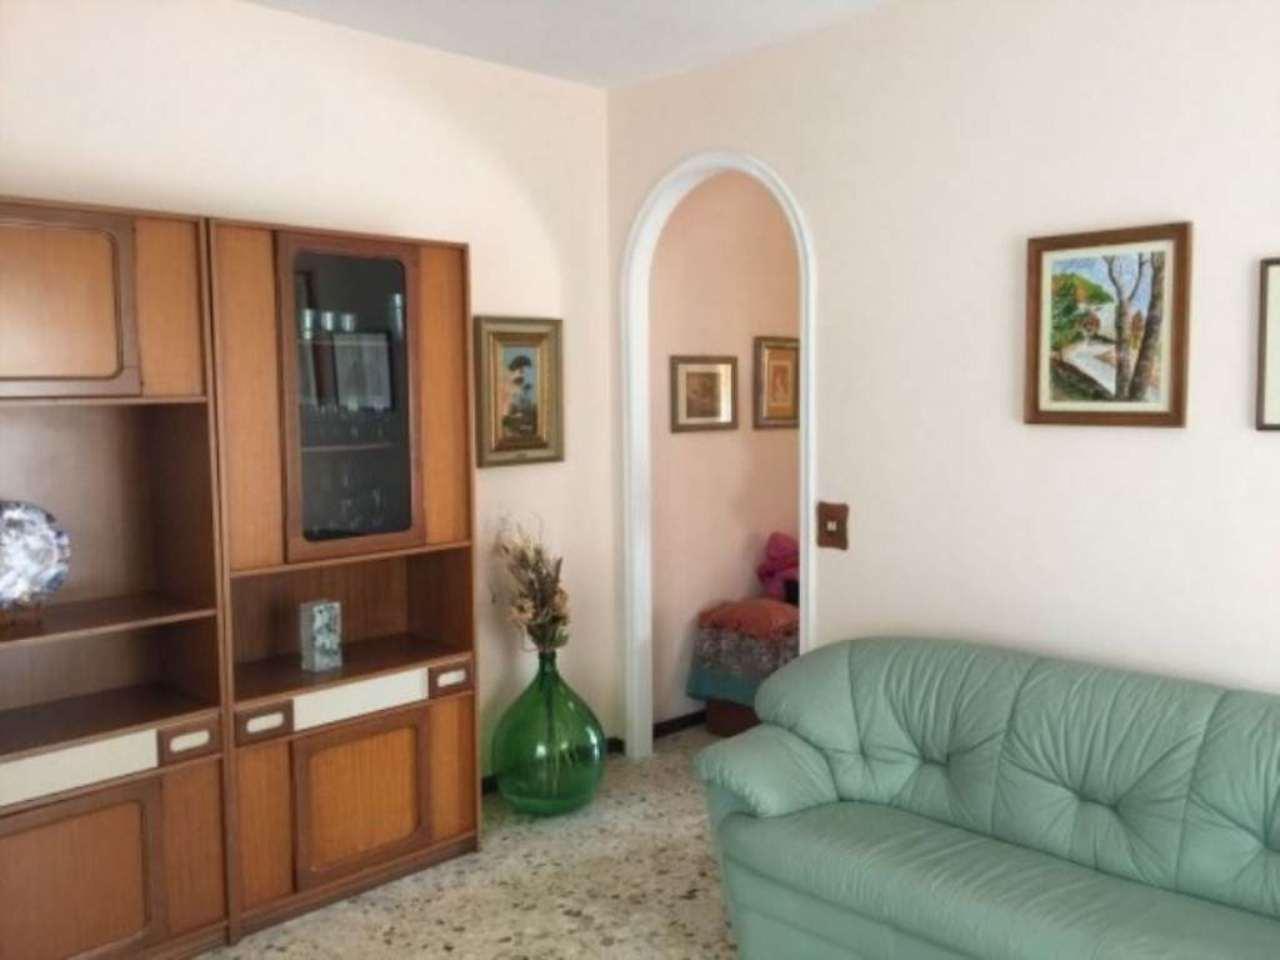 Bilocale Castel Madama Vicolo Del Mattatoio 10